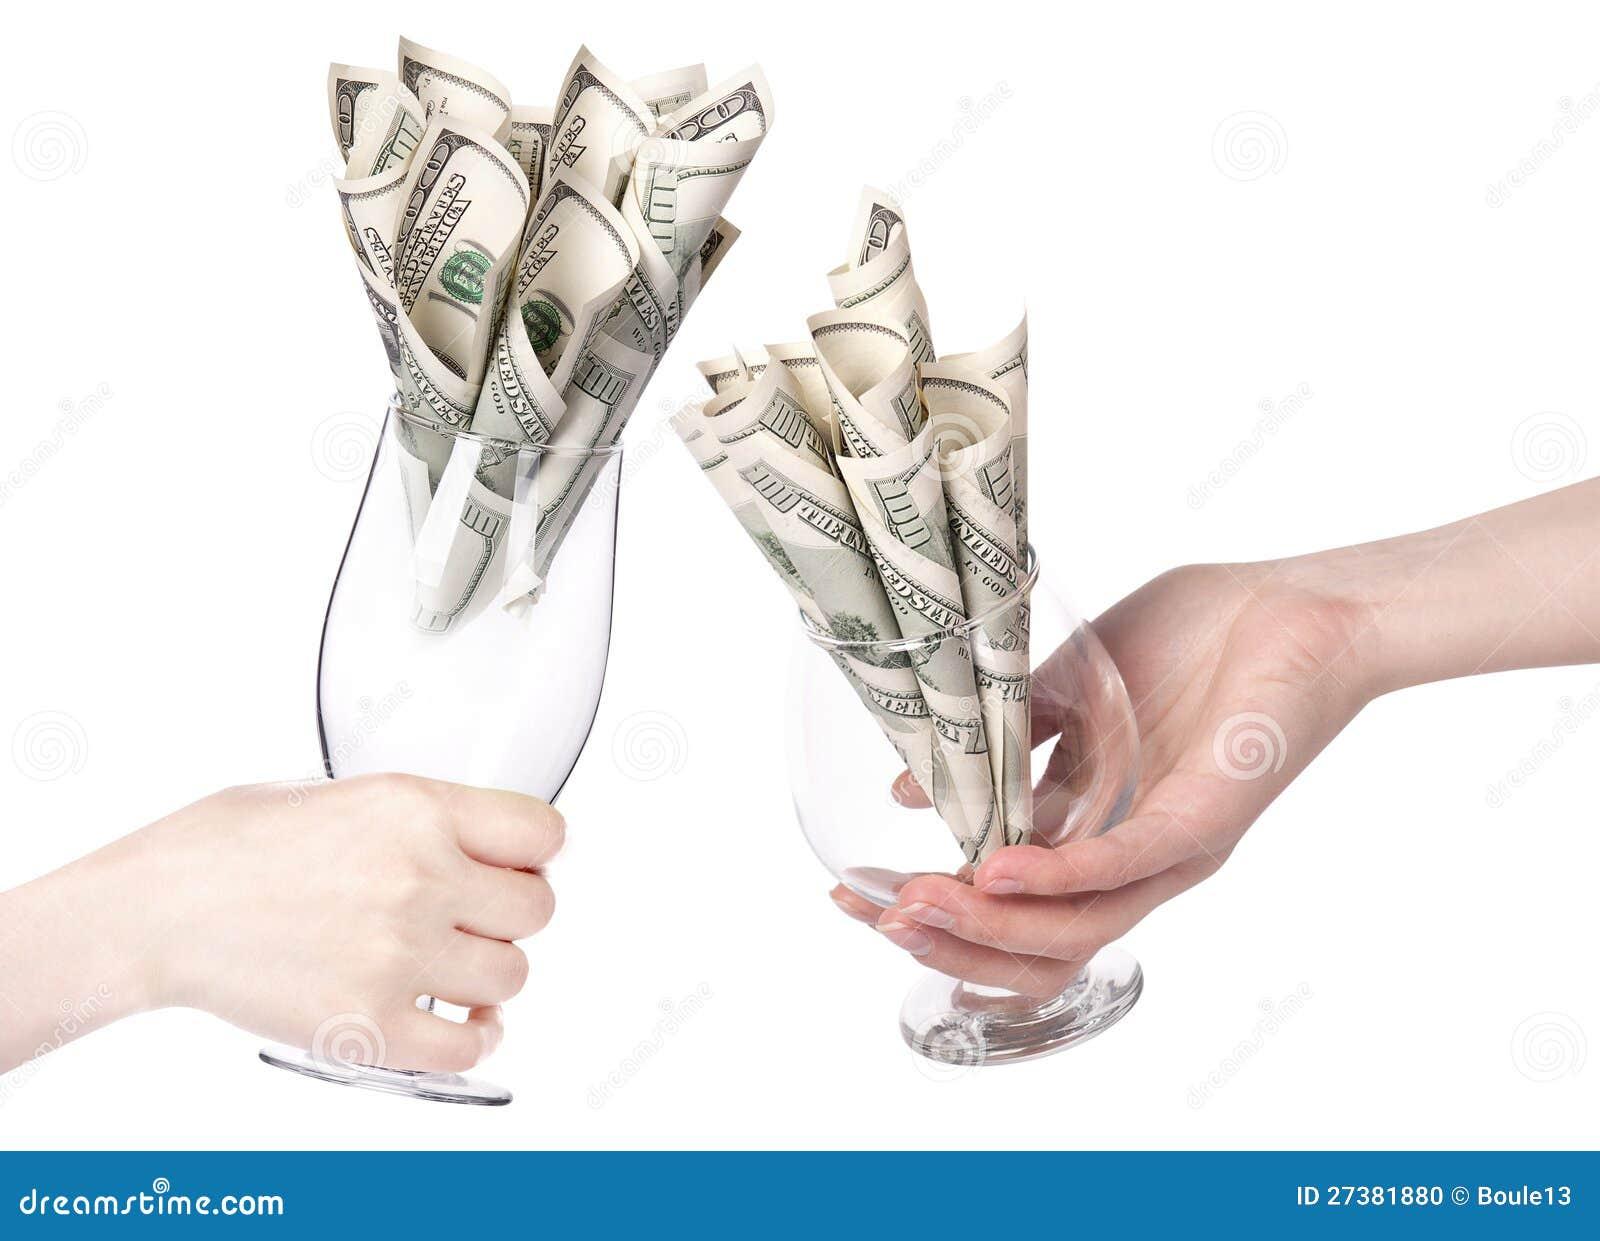 Image result for cocktails money